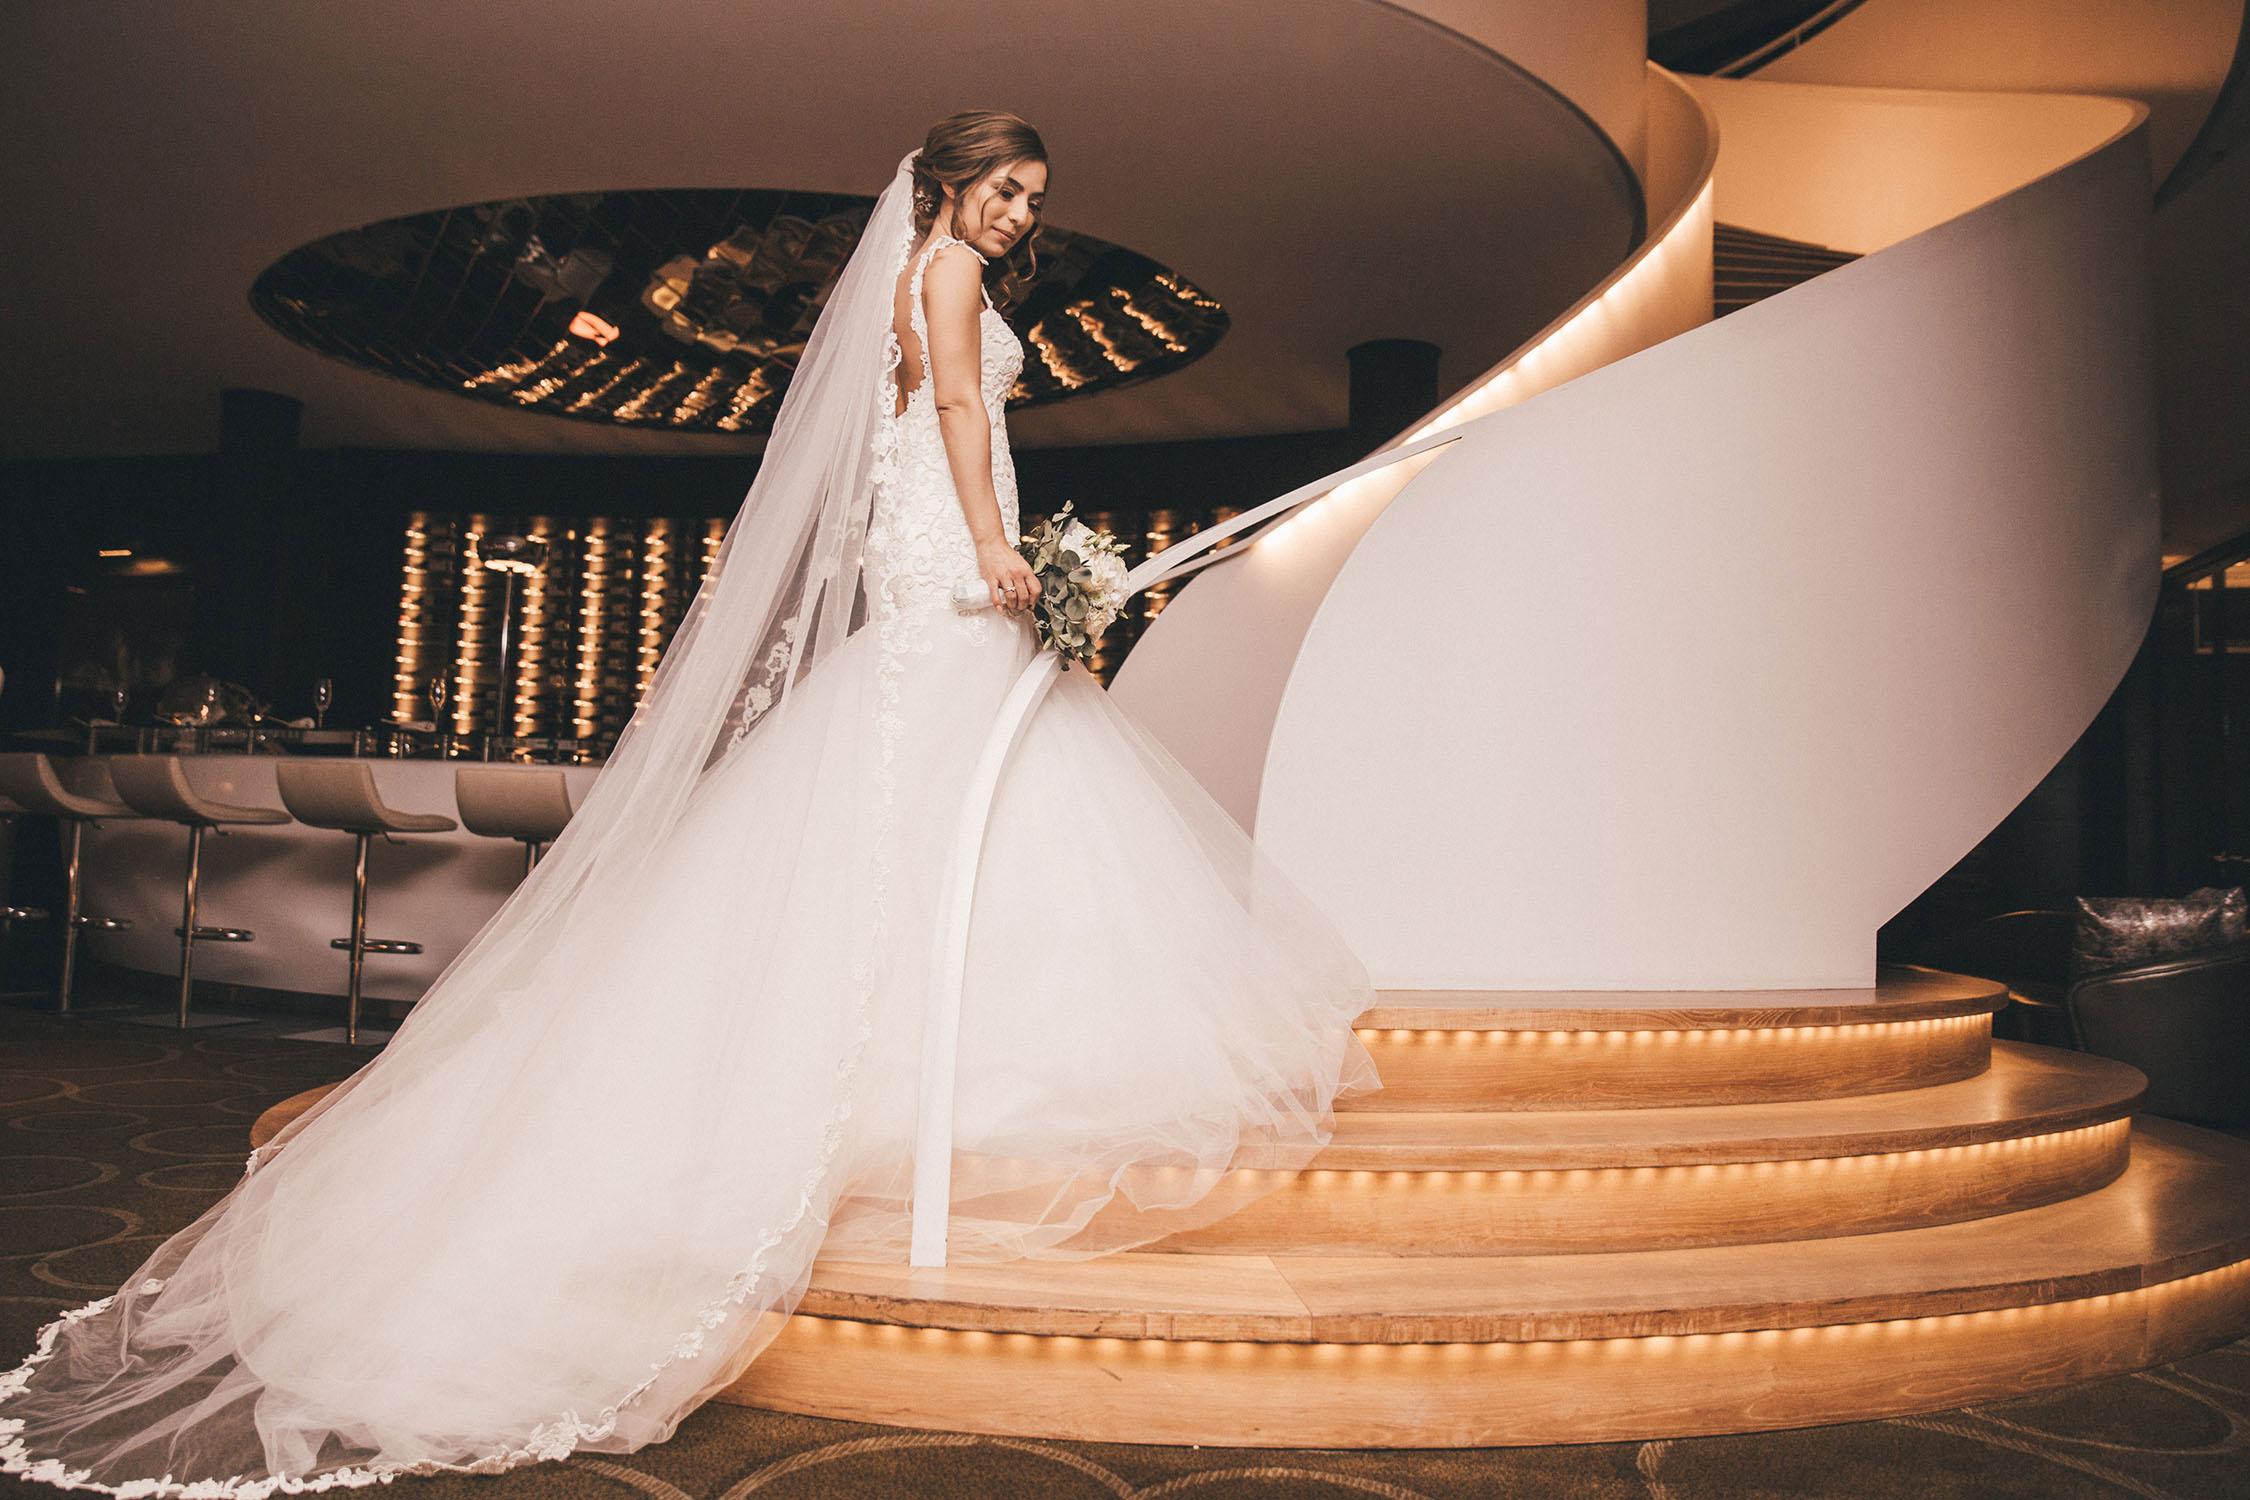 Braut mit Blumenstrauß auf der Treppe.jpg